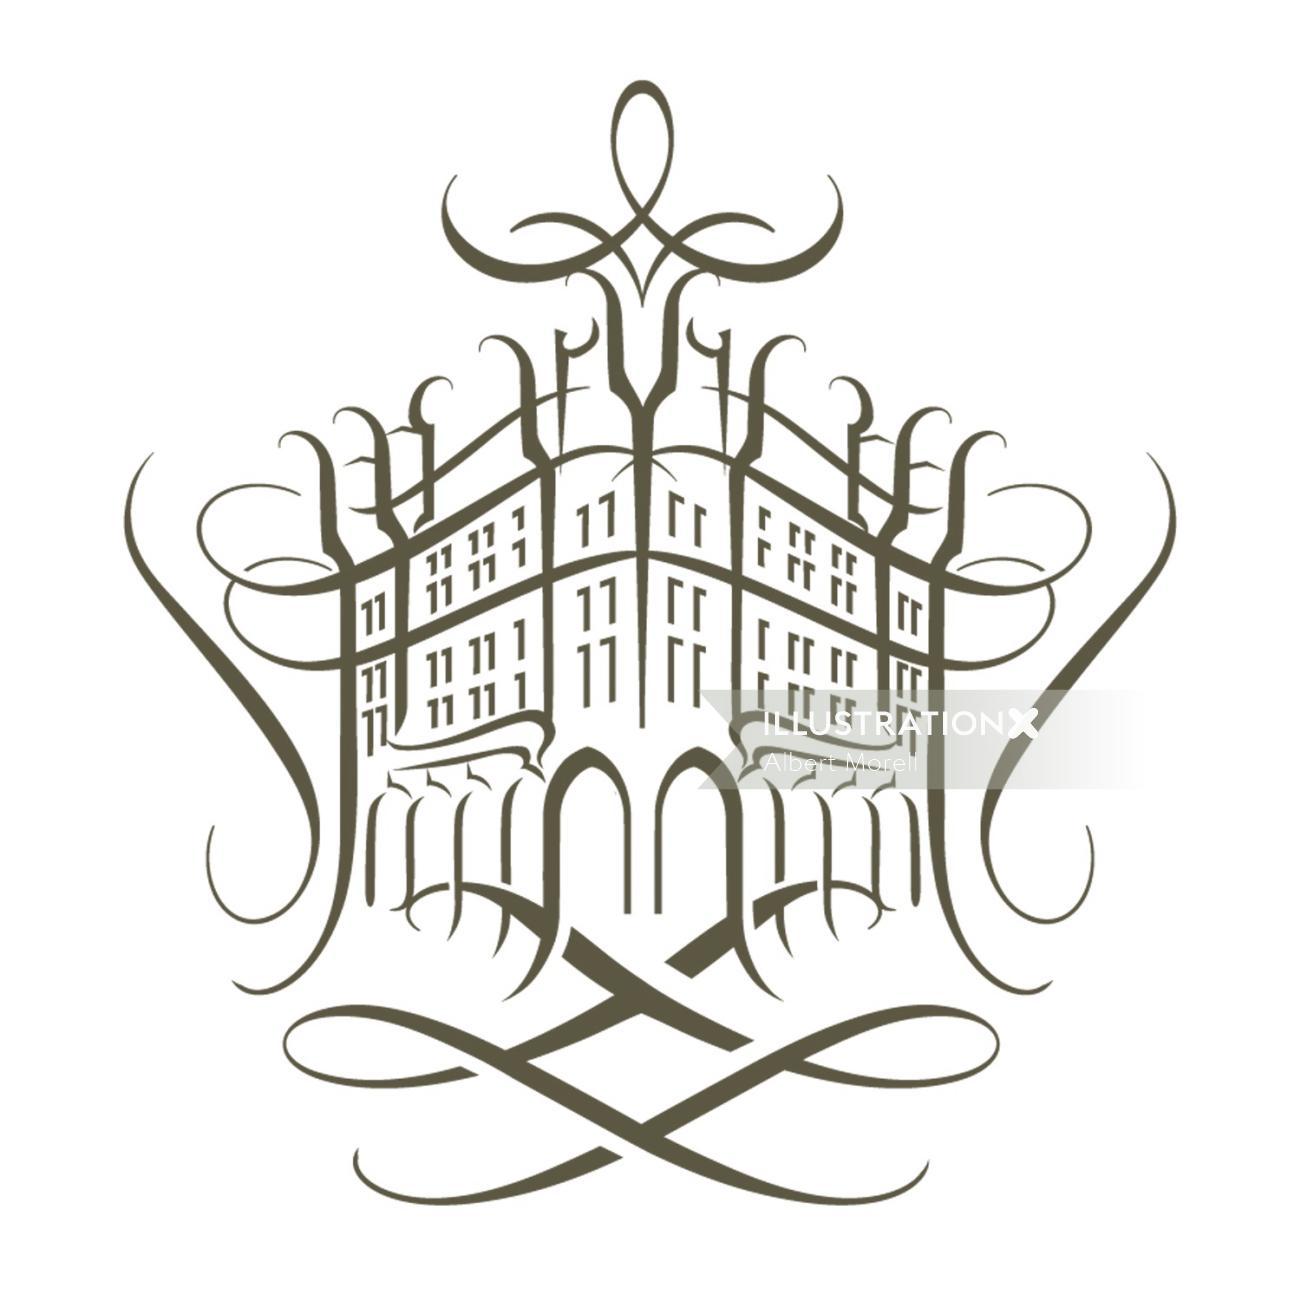 Fragrance house Line art logo